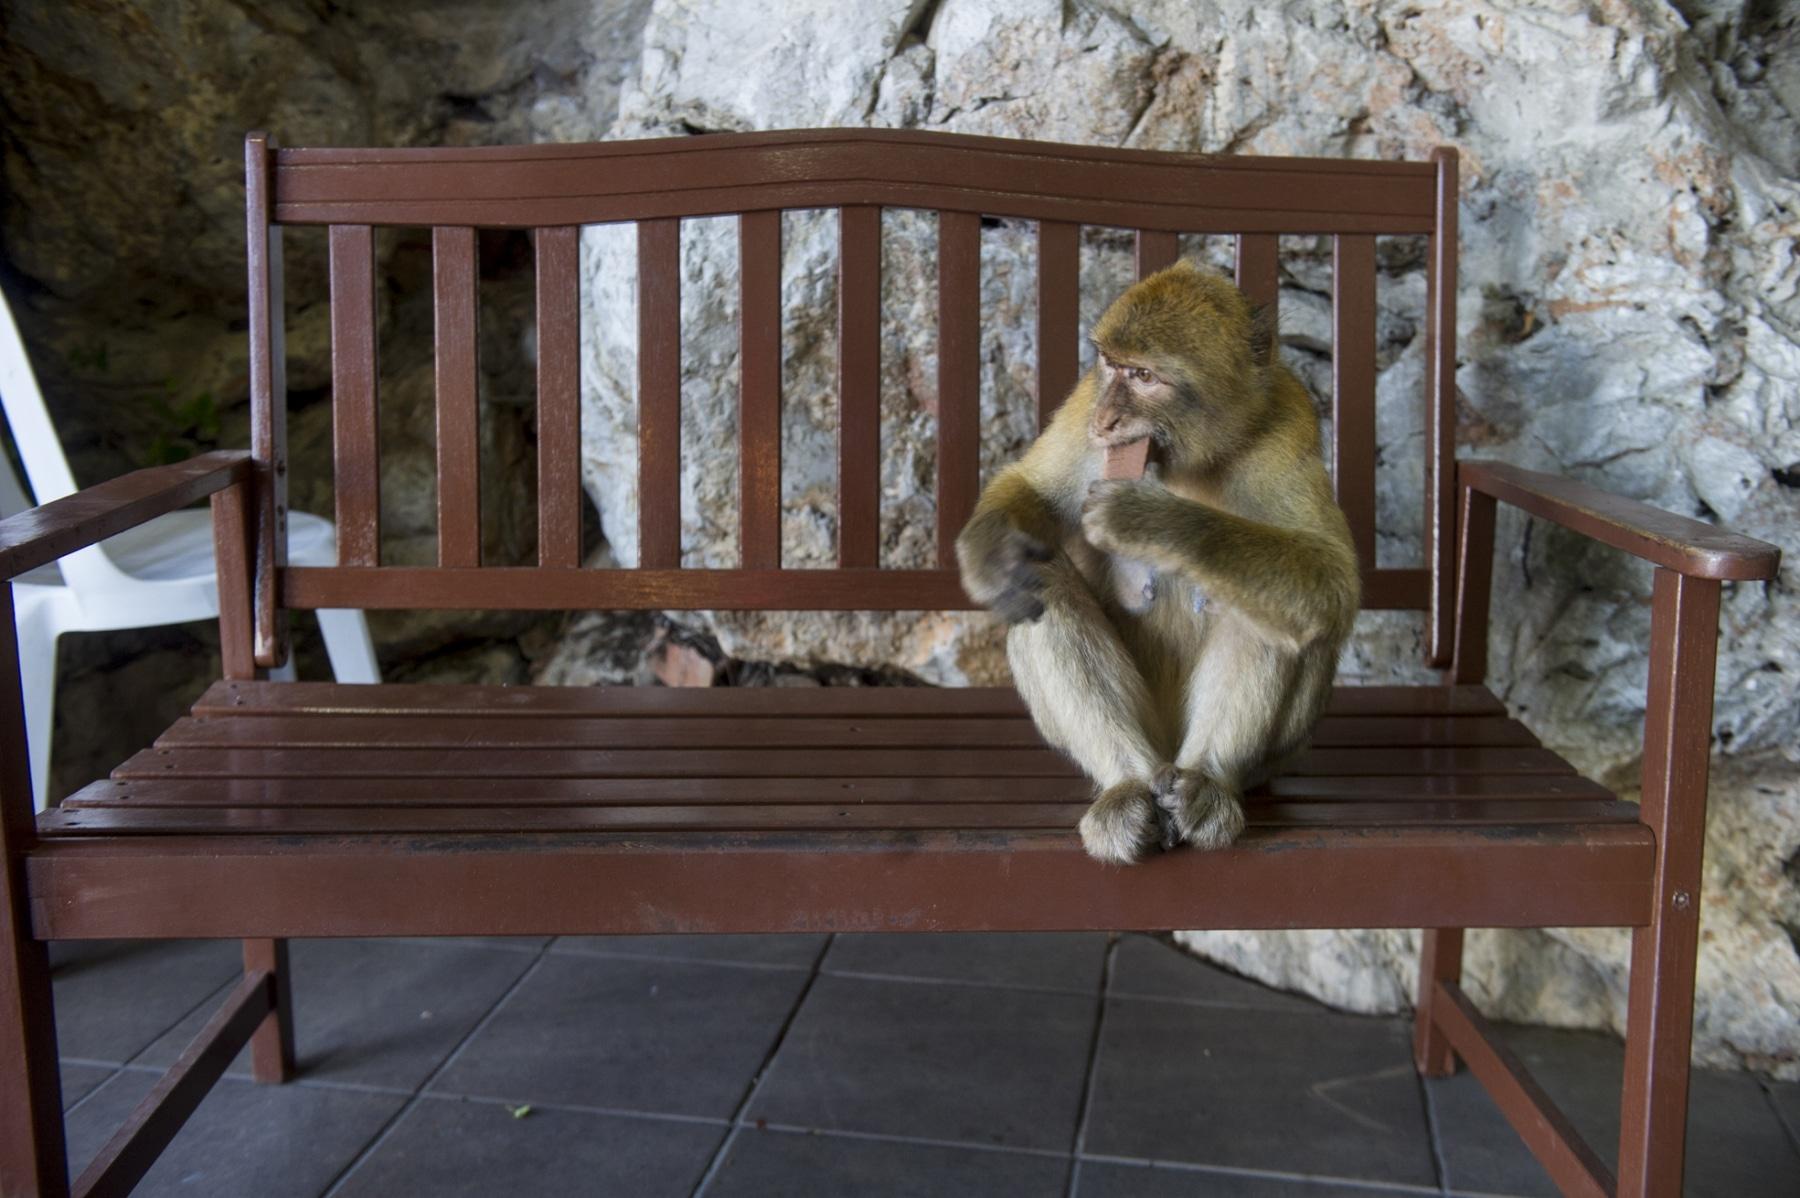 turismo-en-gibraltar-092015-479_22123930803_o